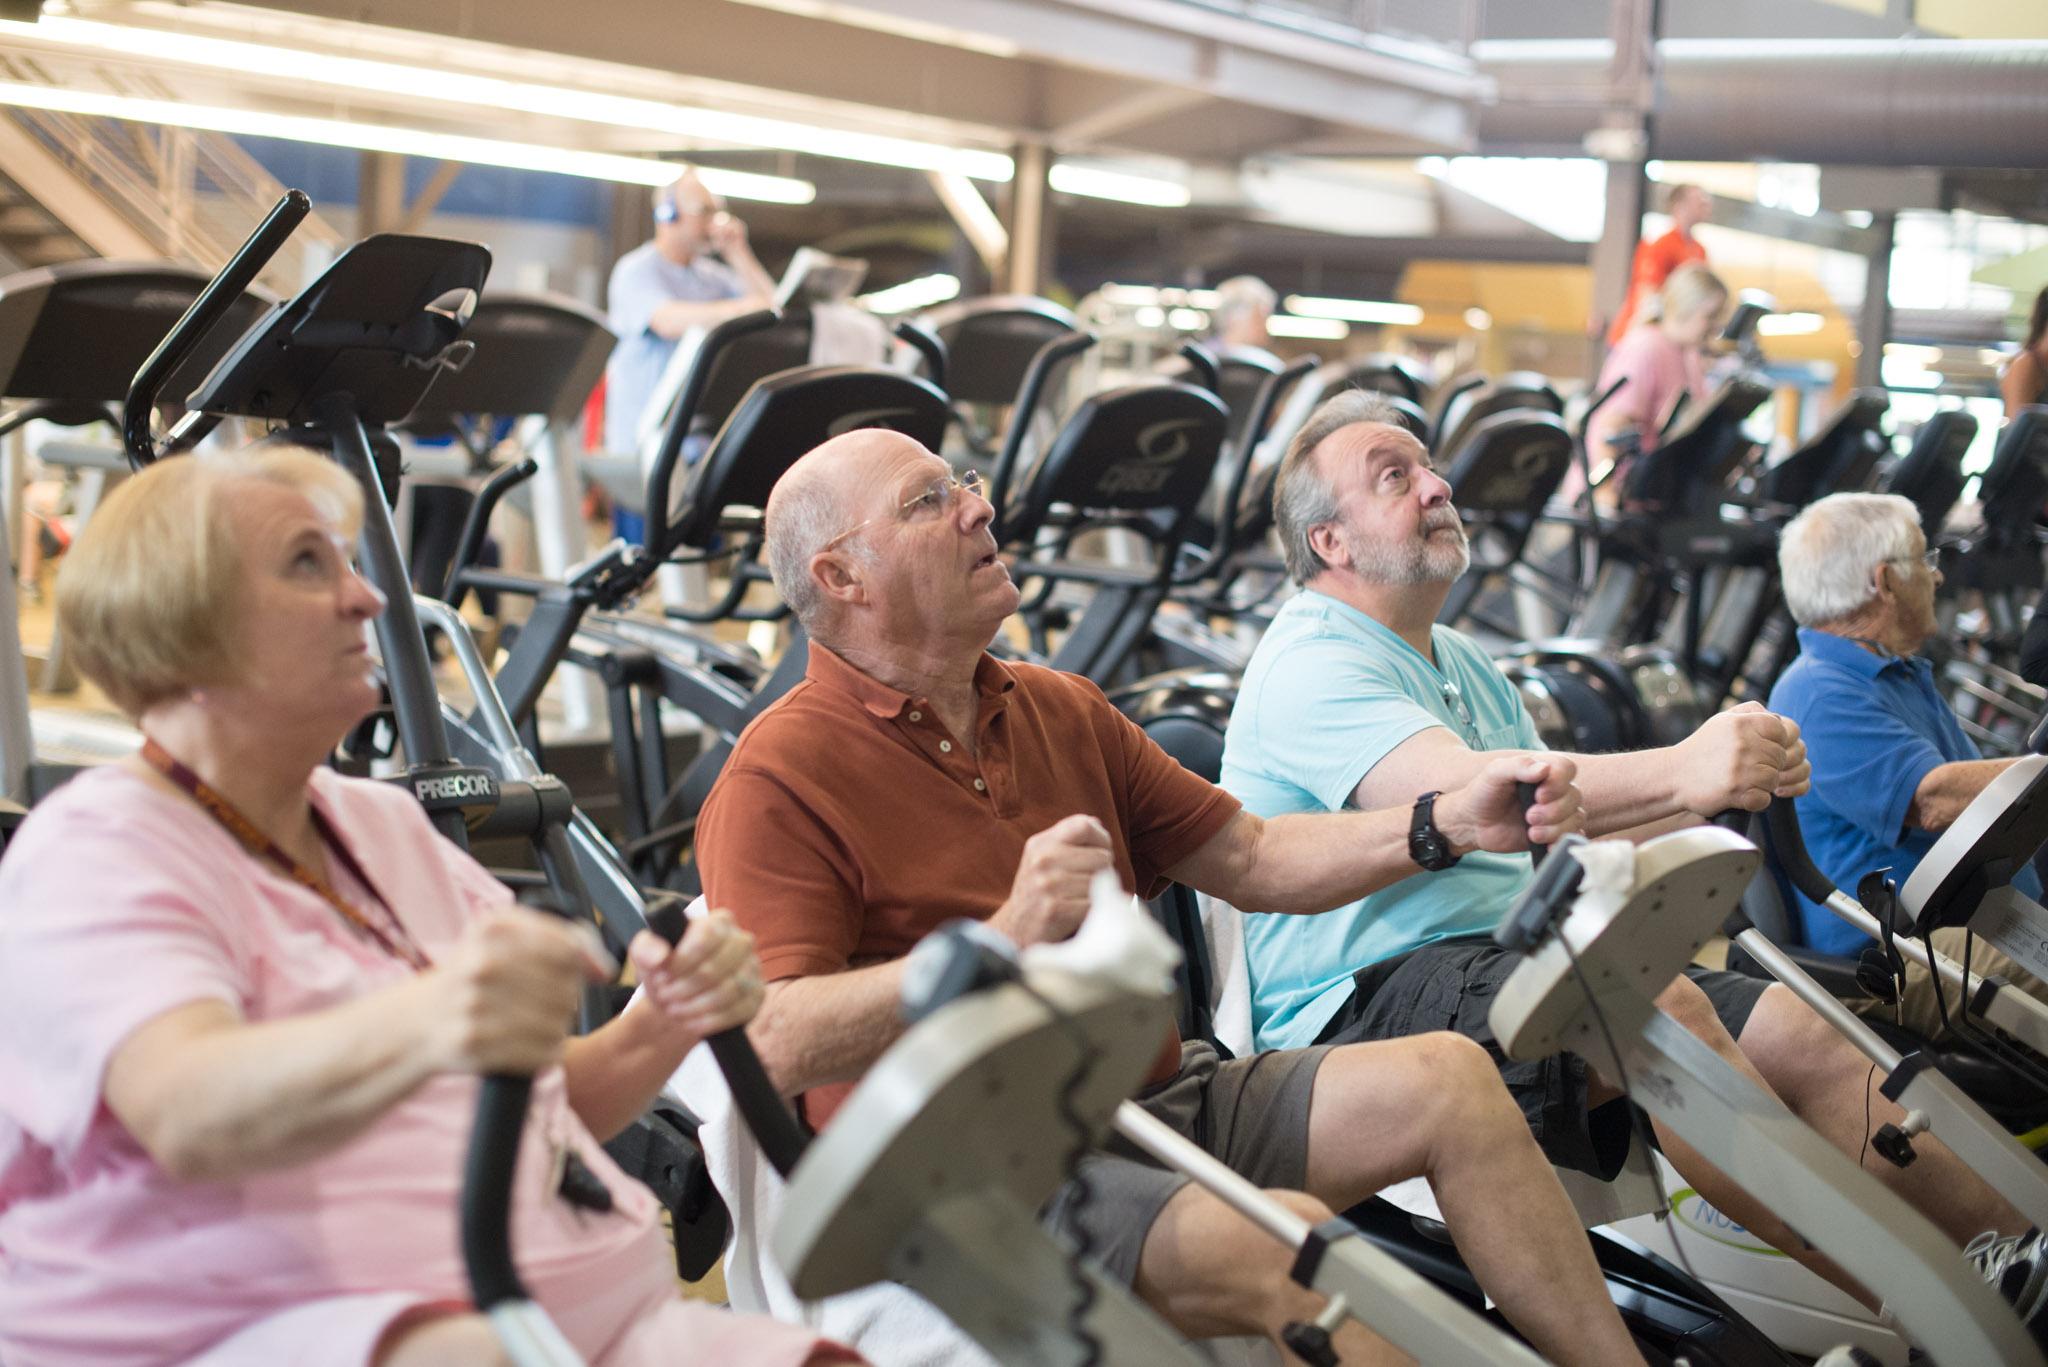 Wellness Center Stock Photos-1165.jpg